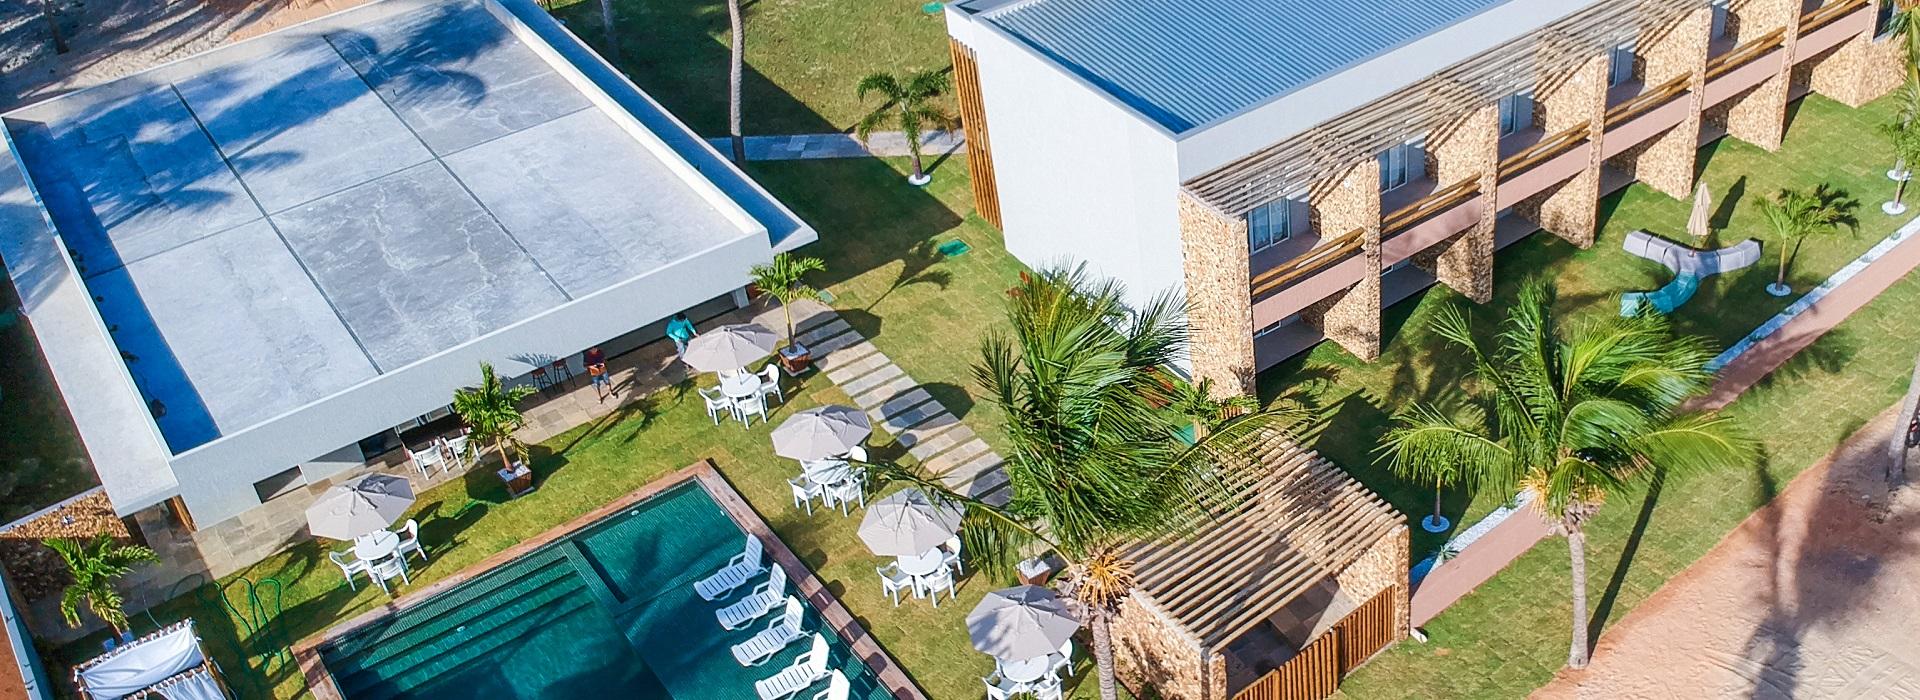 2 diárias (check-in de domingo a quarta) na Suíte Frente Jardim para 2 adultos + café da manhã + R$80 reais de crédito no restaurante do Hotel de R$720 por apenas R$395